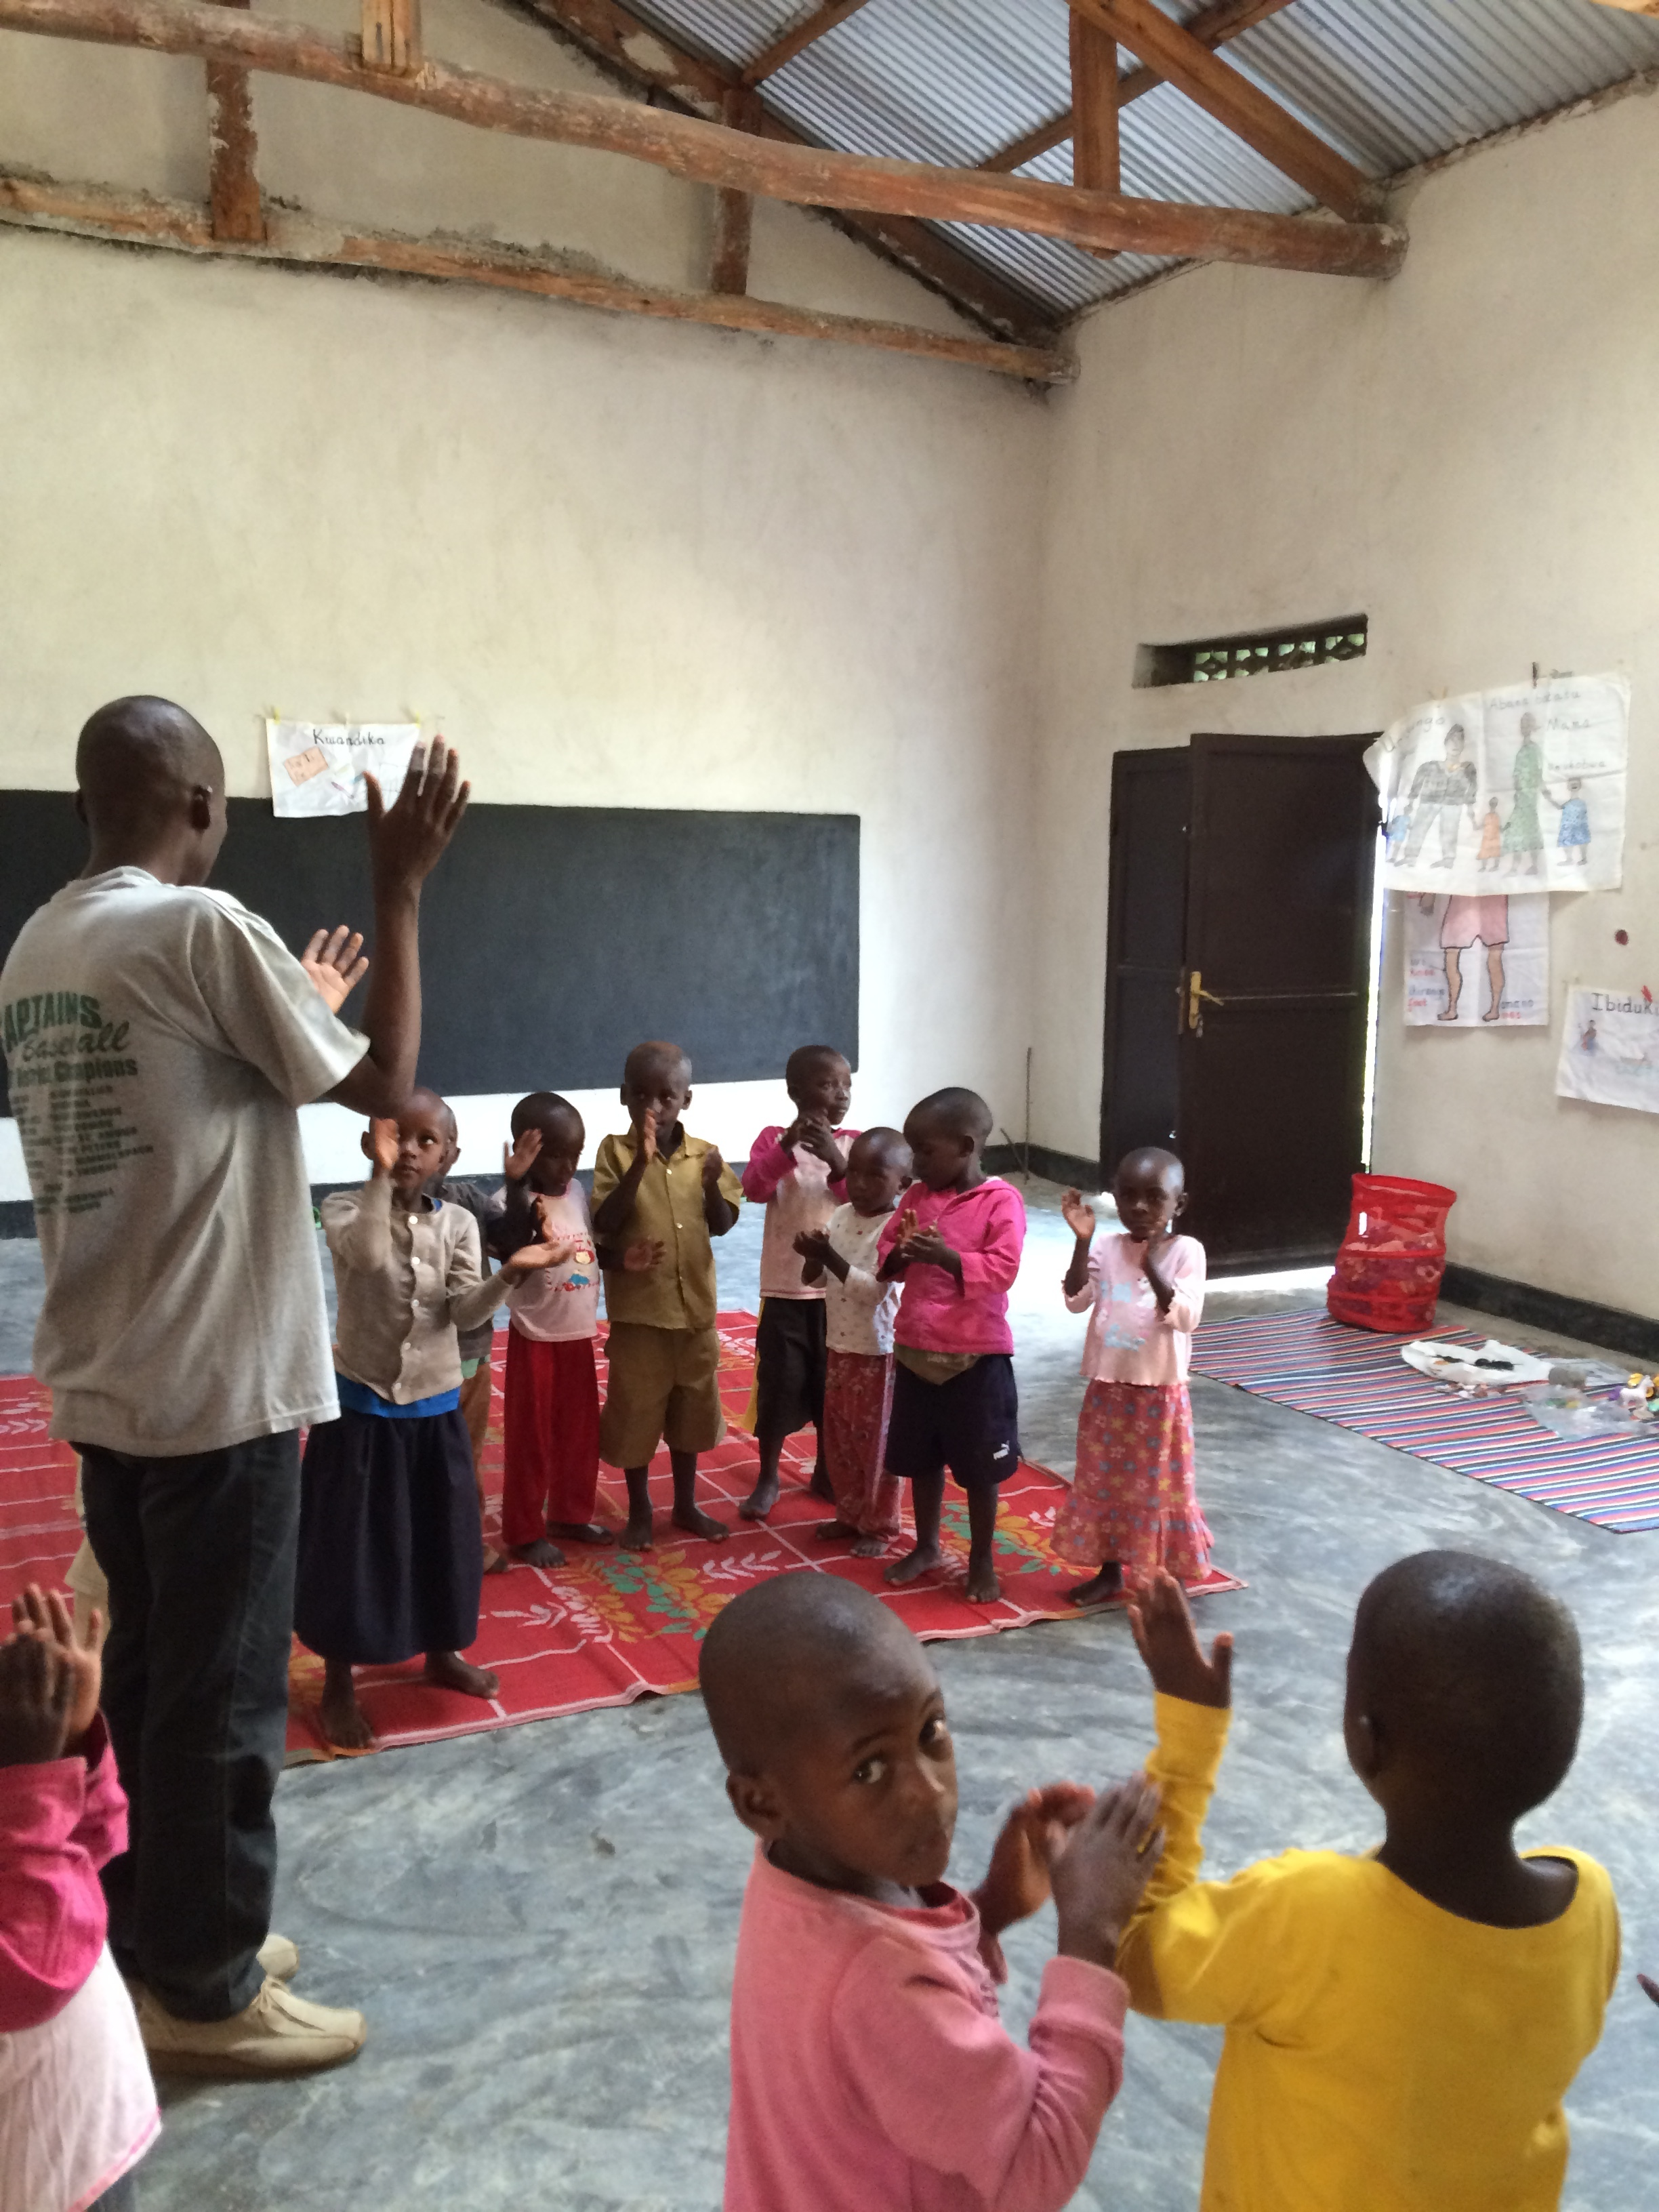 Headteacher Gabriel helps the children with their singing games.